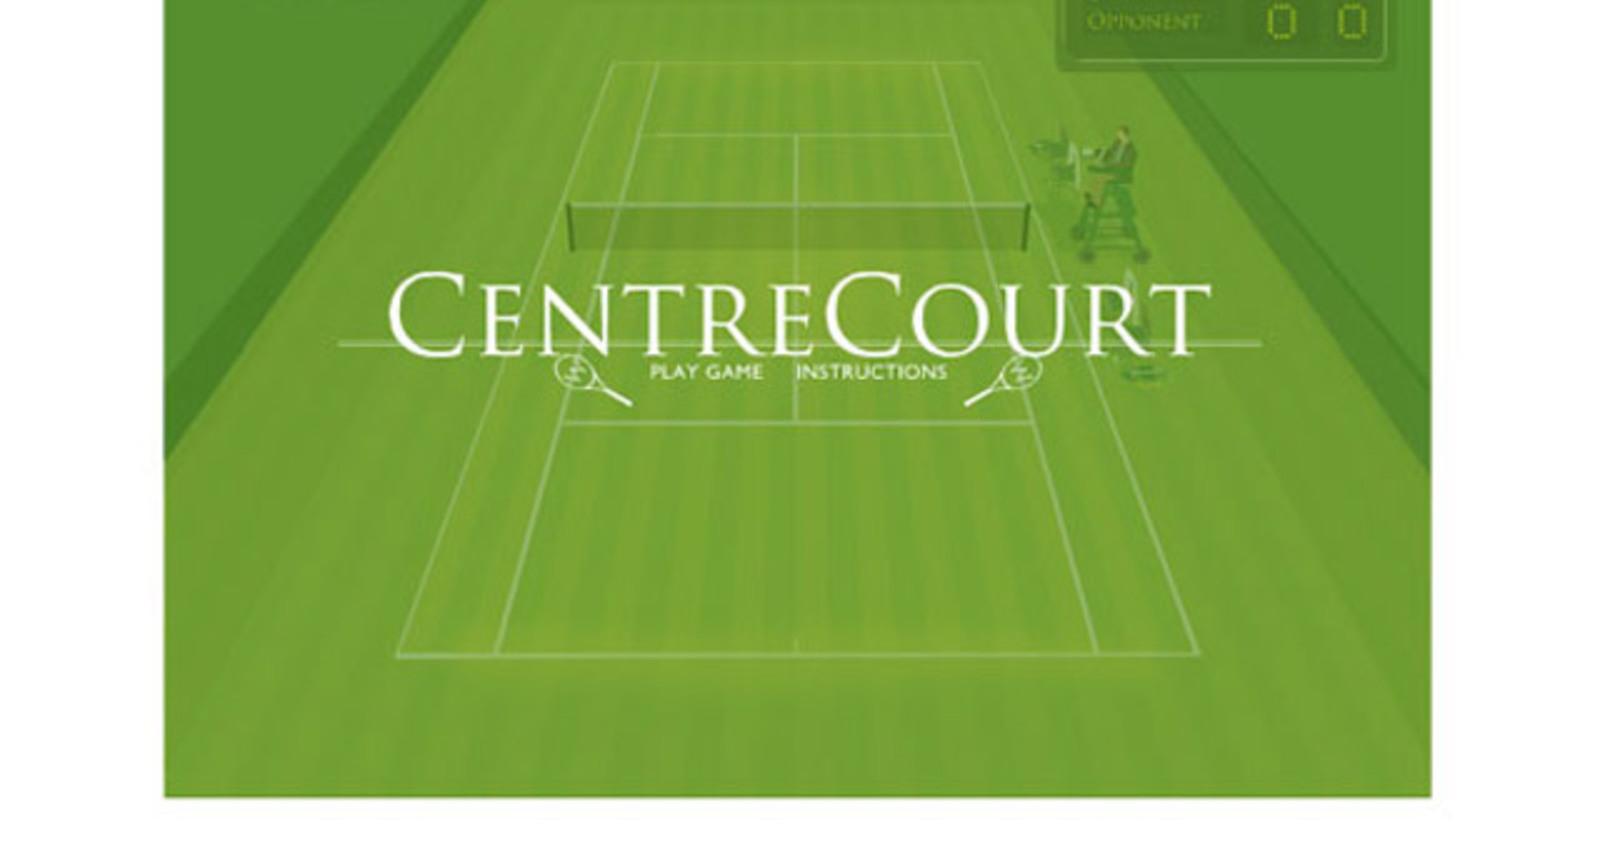 Wimbledon - Centre Court Game